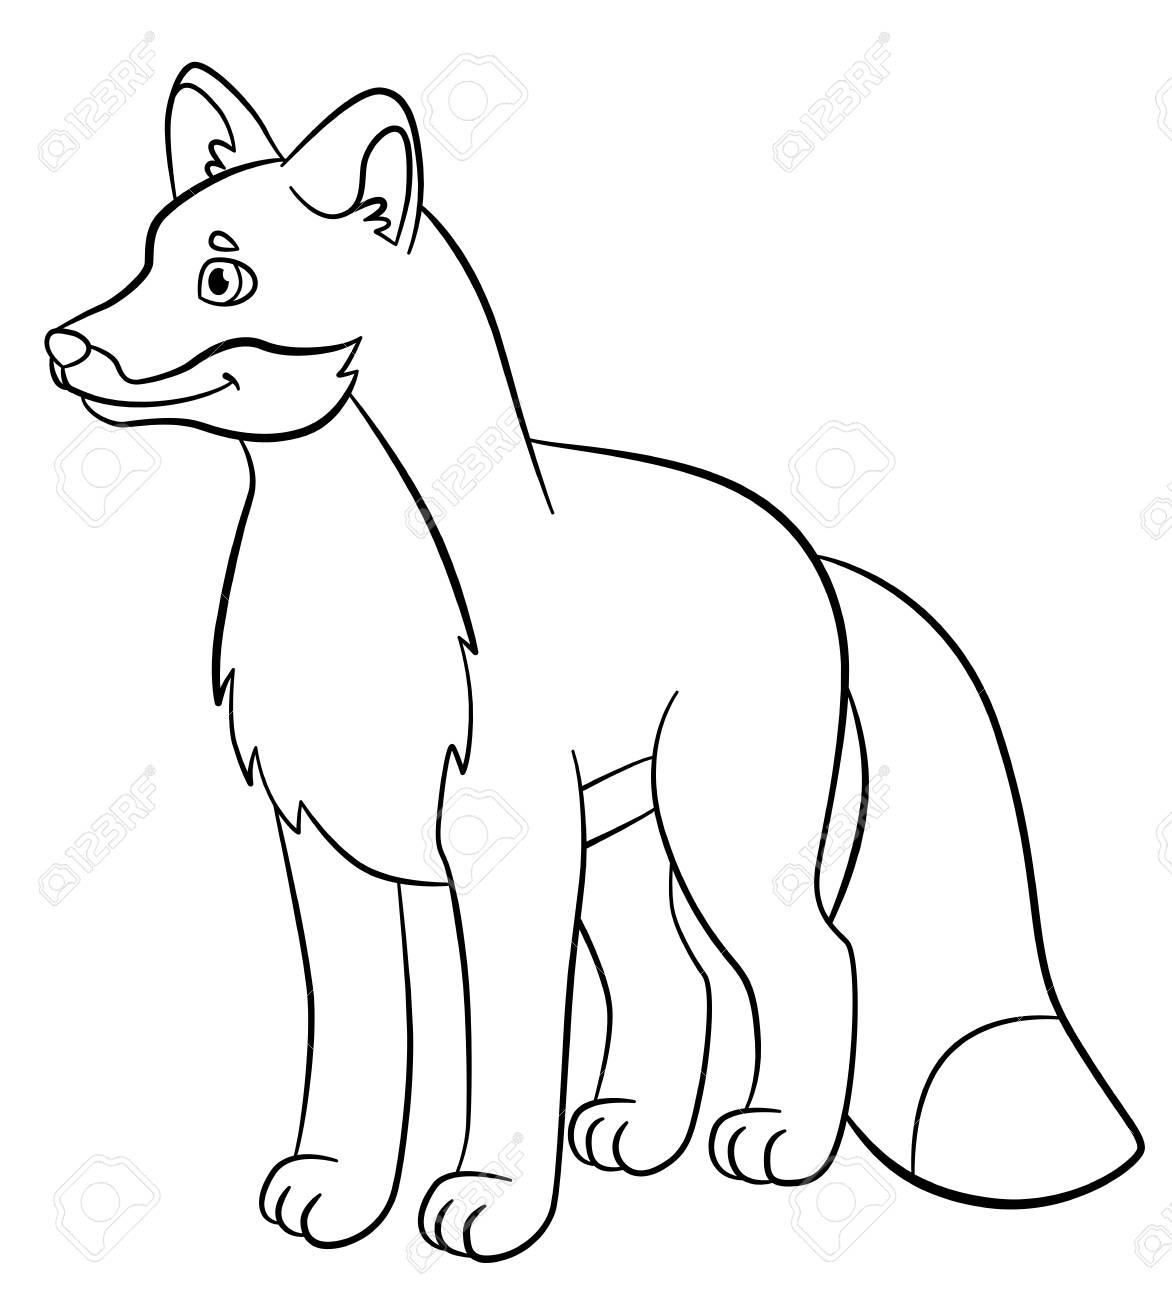 Malvorlagen. Wilde Tiere. Kleiner Netter Fuchs Steht Und Lächelt ...